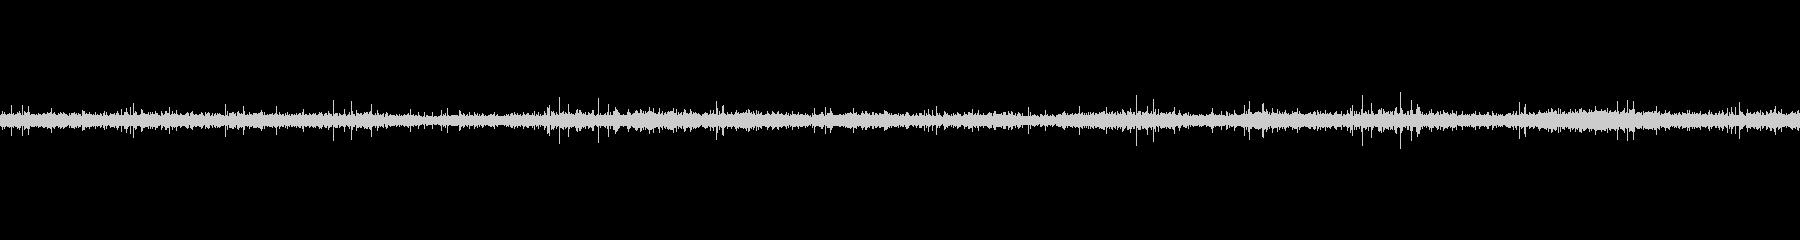 レコードノイズ Lofi ヴァイナル05の未再生の波形